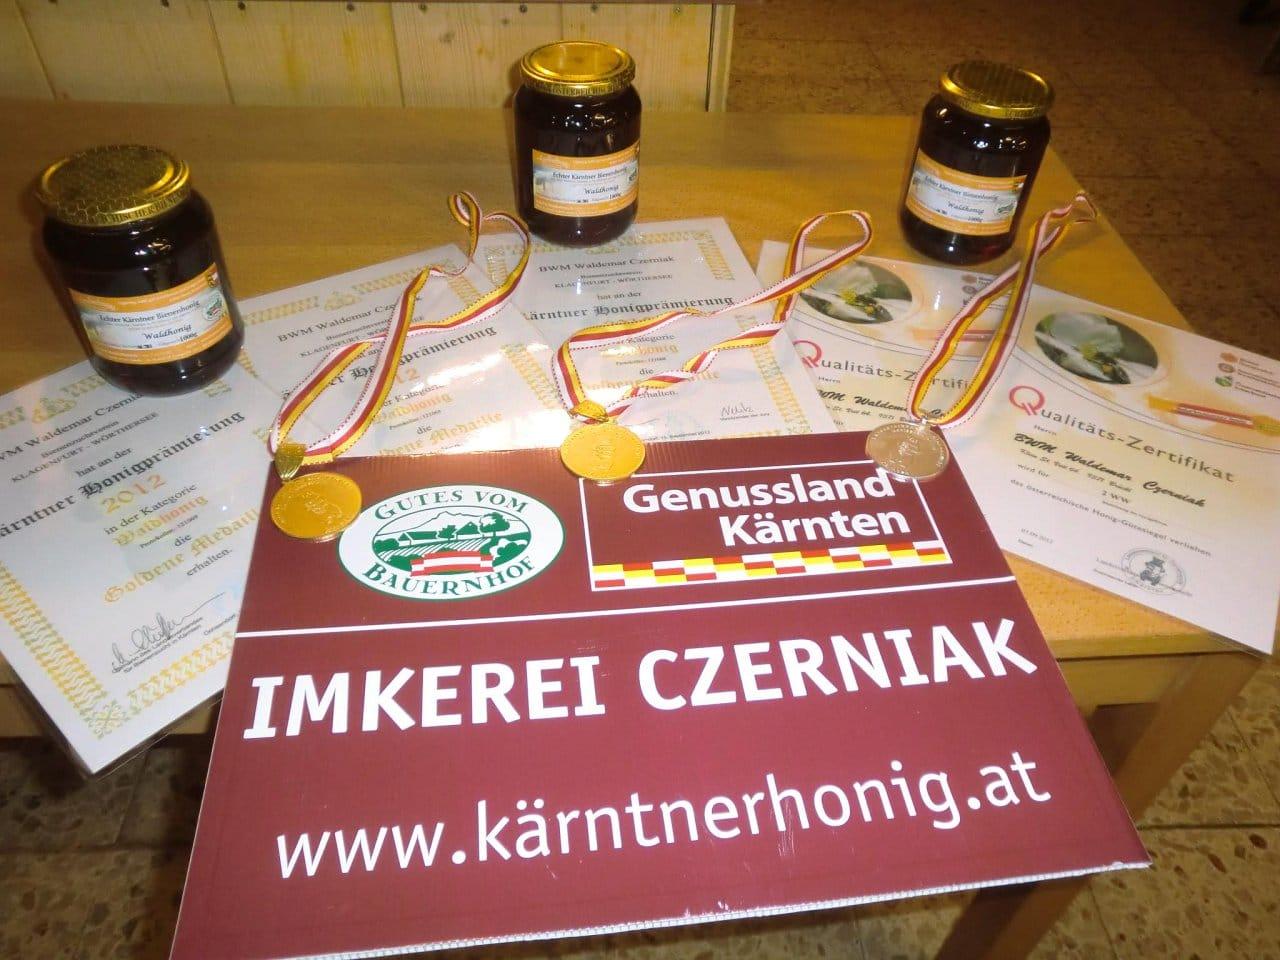 Imkerei Czerniak Auszeichnungen